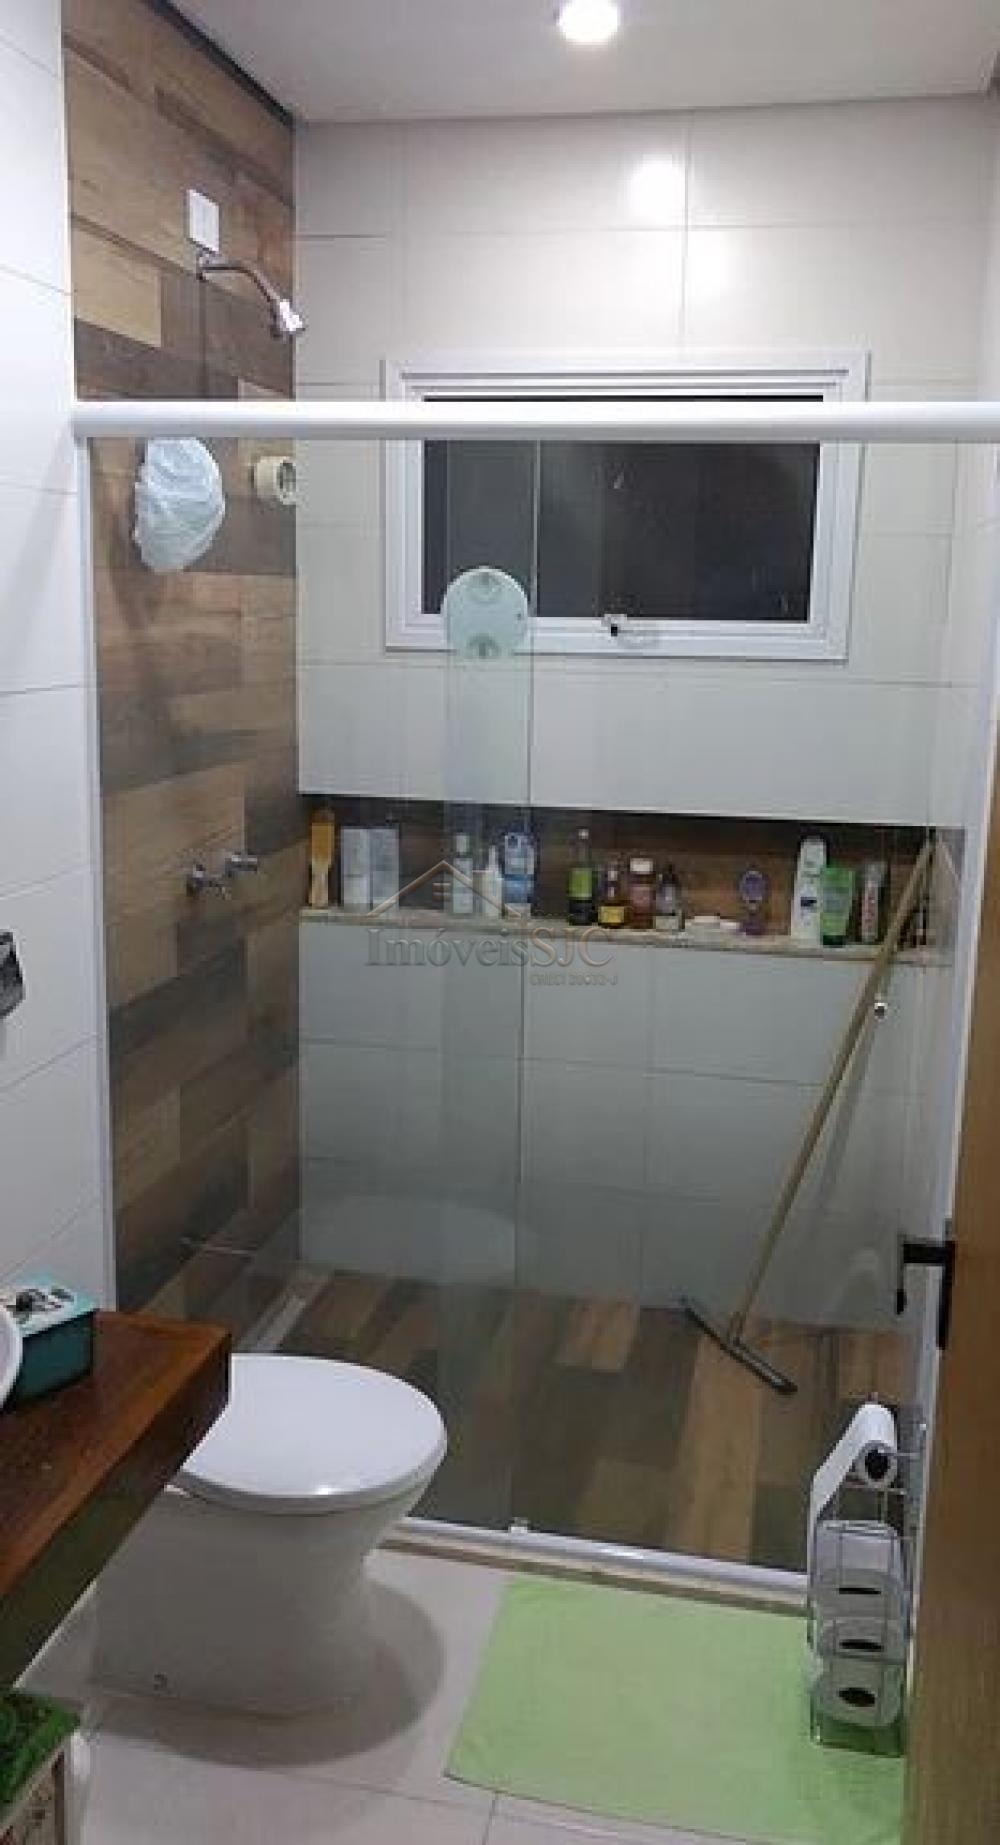 Comprar Casas / Condomínio em Caçapava apenas R$ 720.000,00 - Foto 18